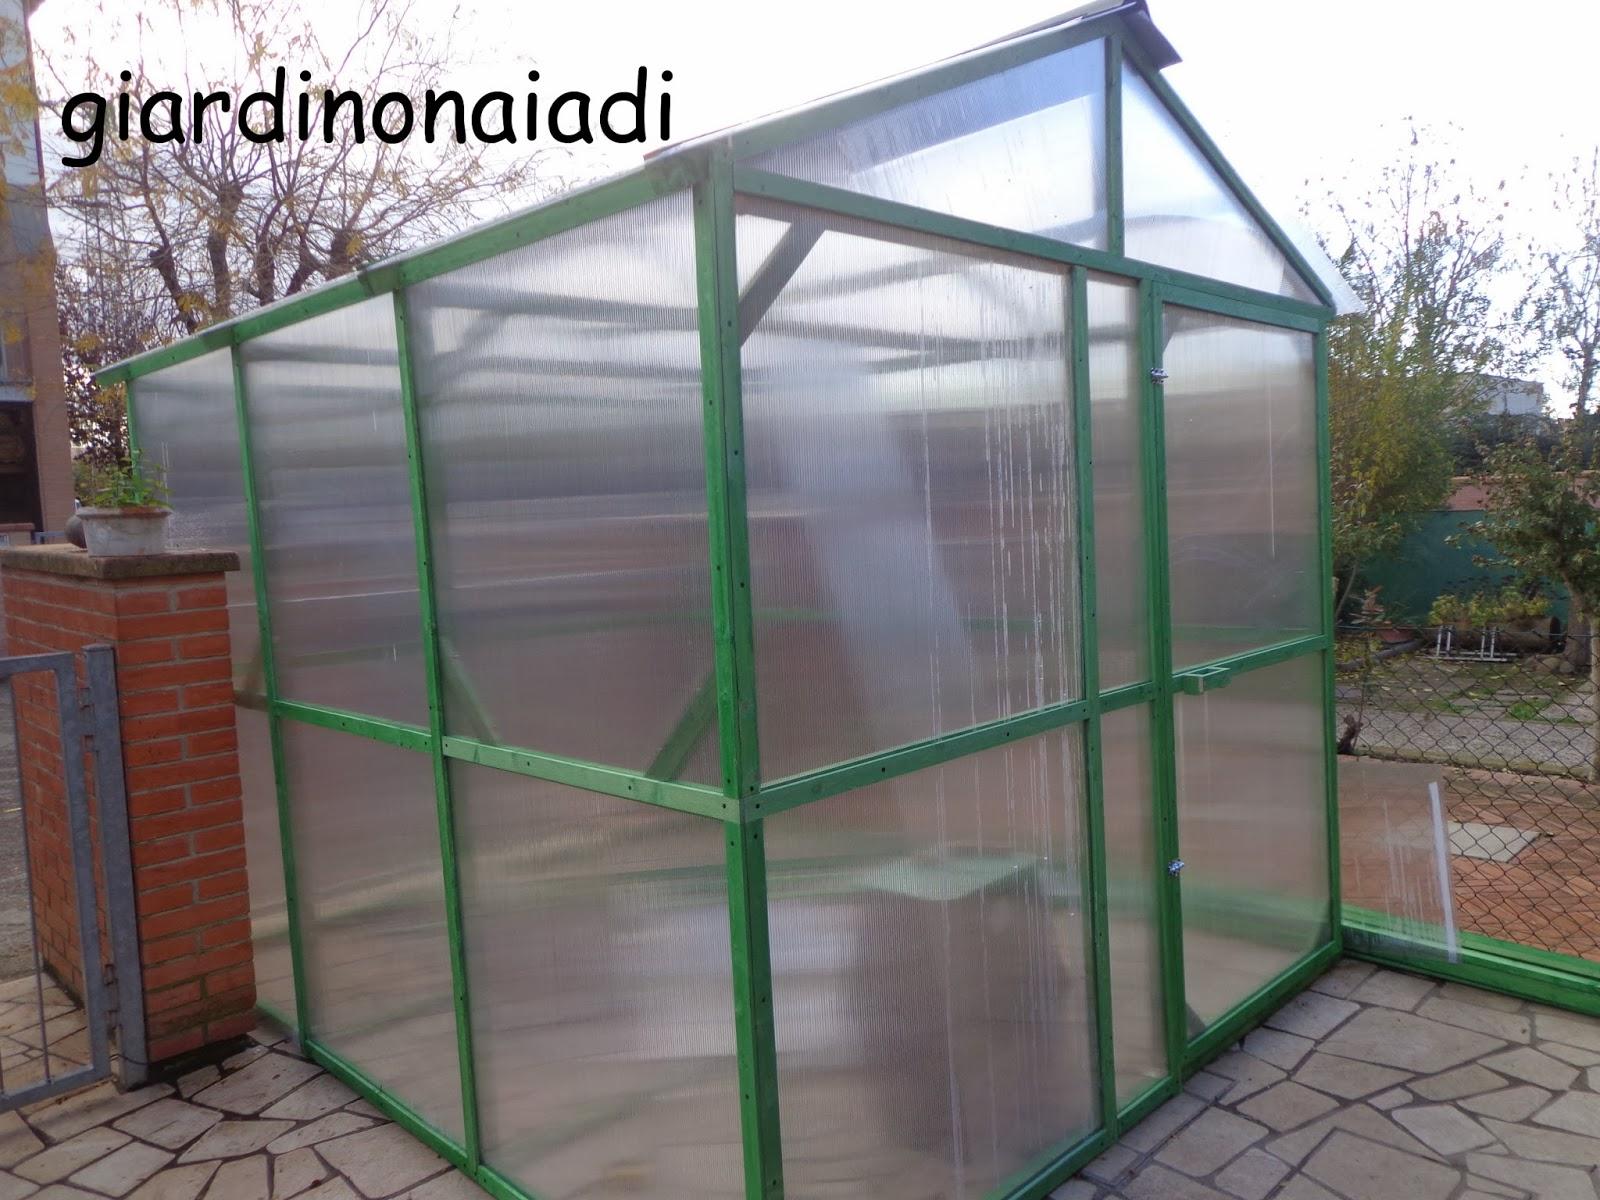 Il giardino delle naiadi uno specchio d 39 acqua al coperto for Archi per serre da orto